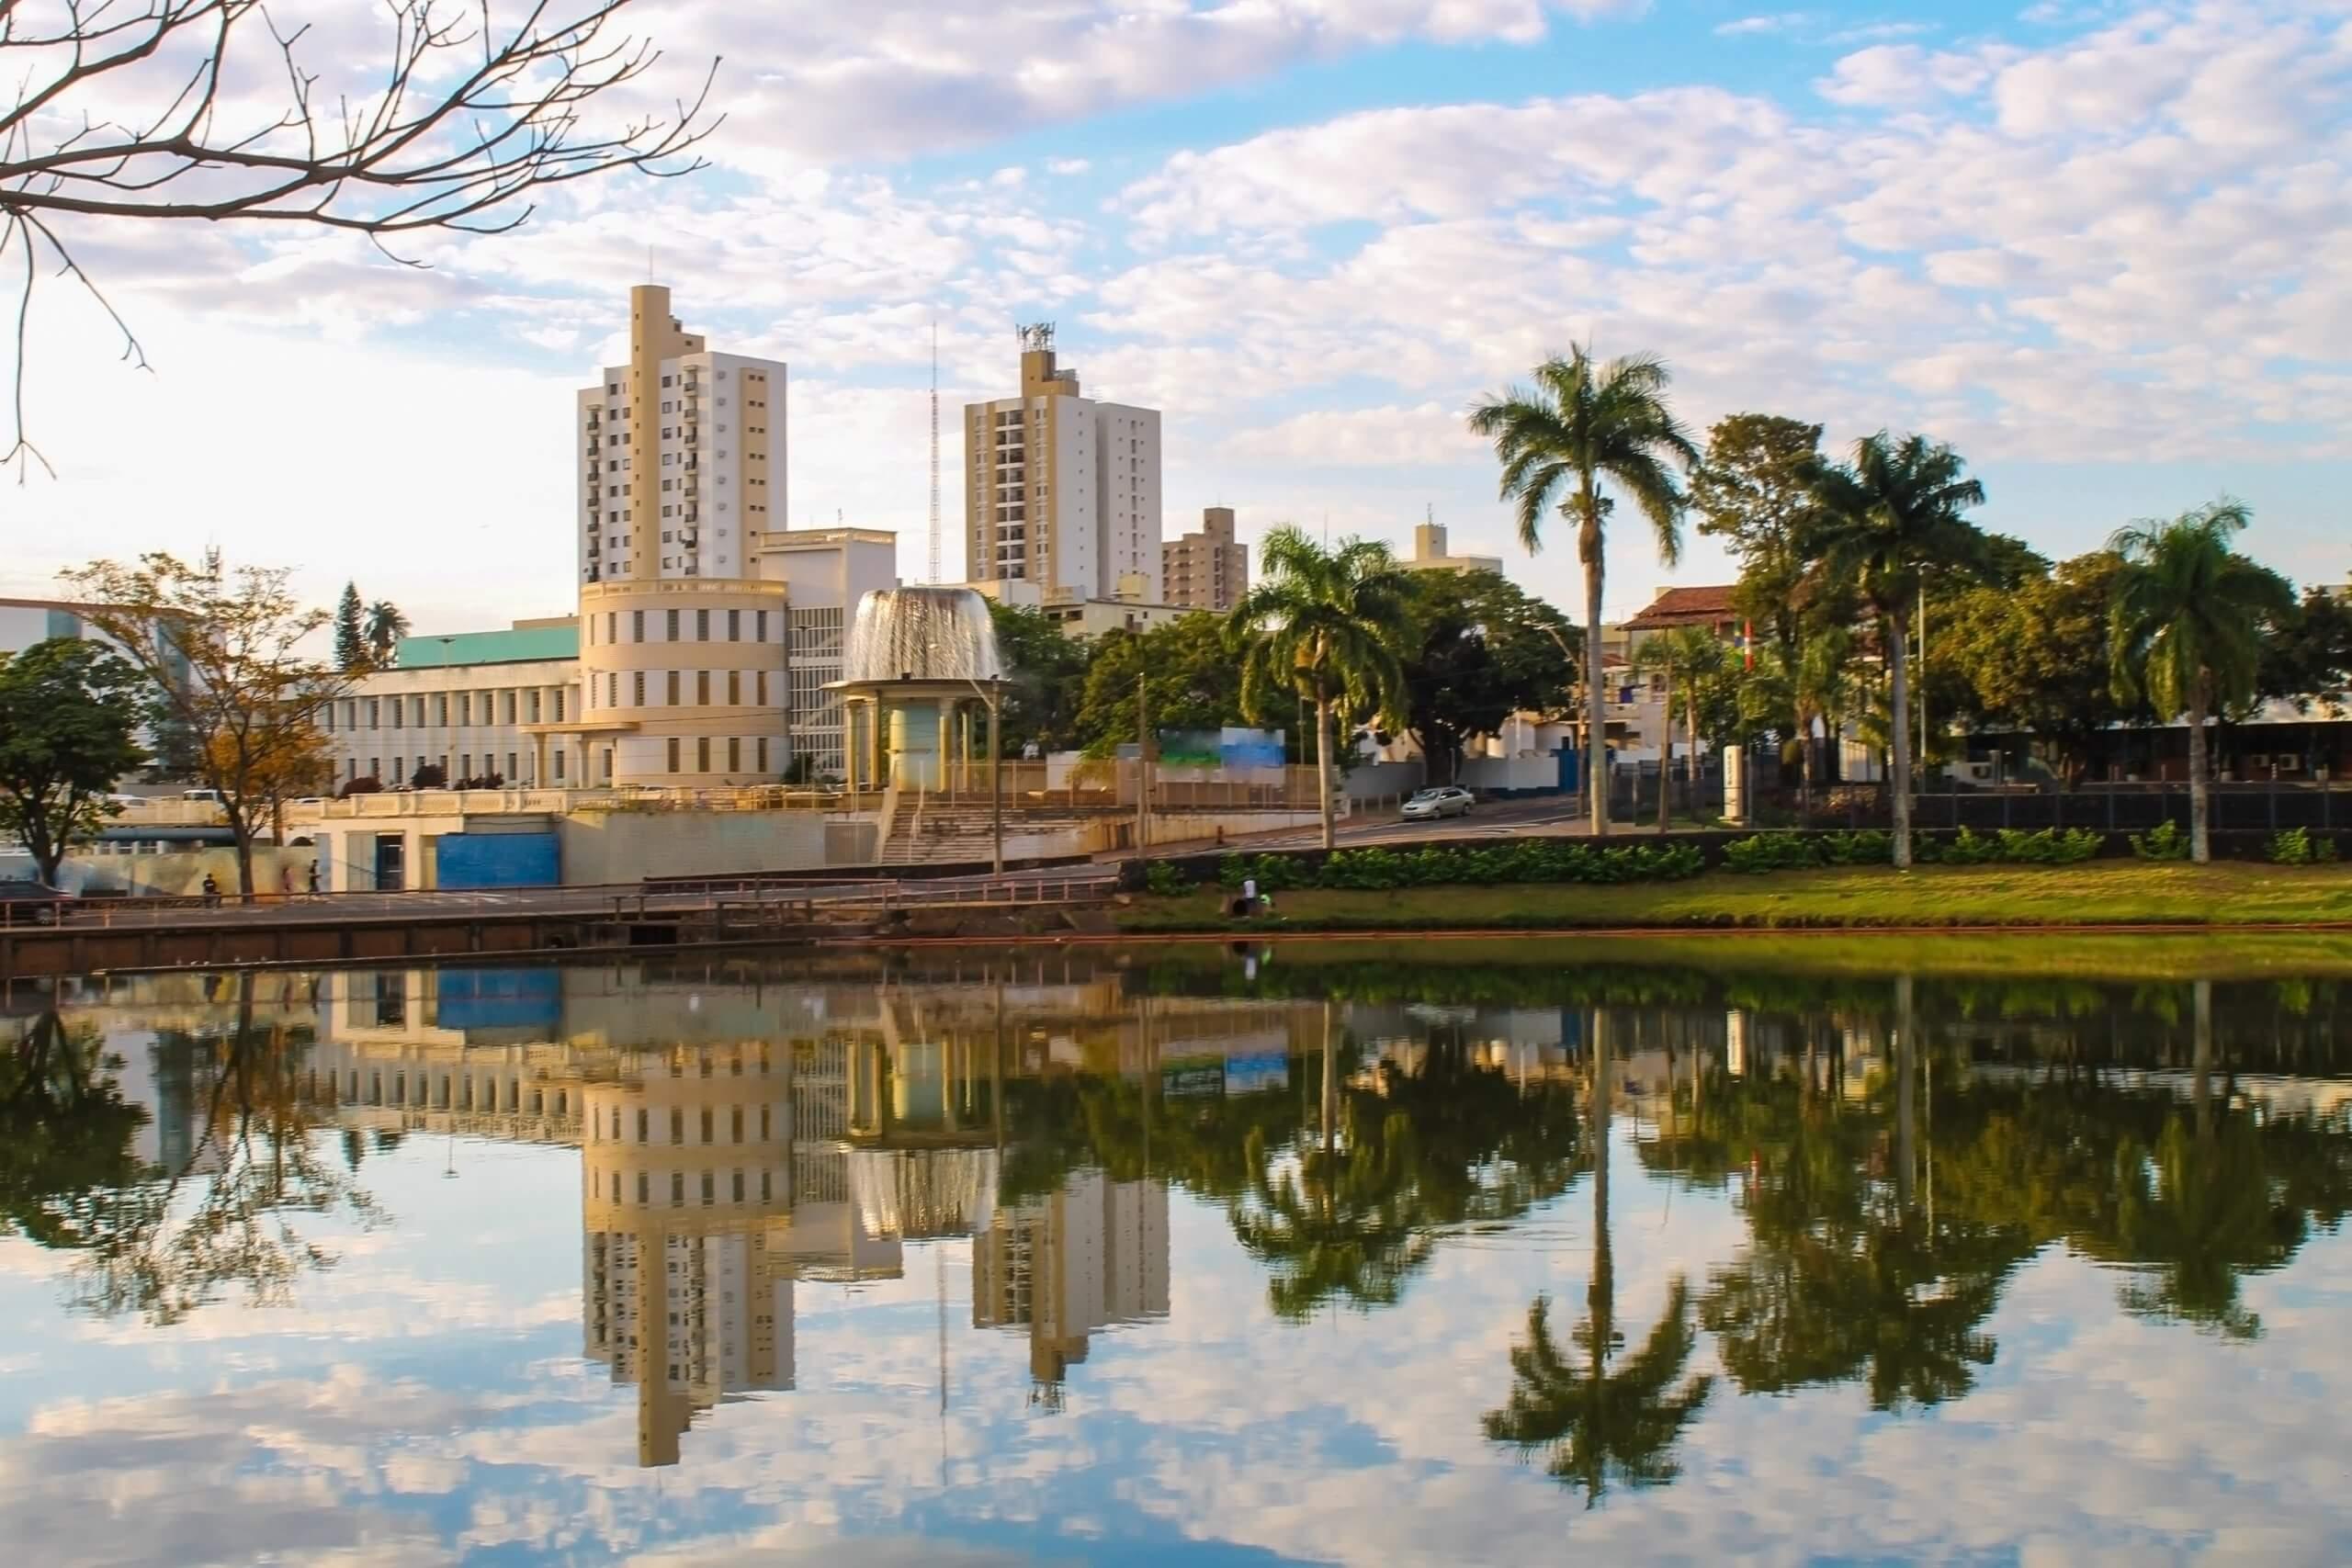 morar em São José do Rio Preto - Palácio das águas